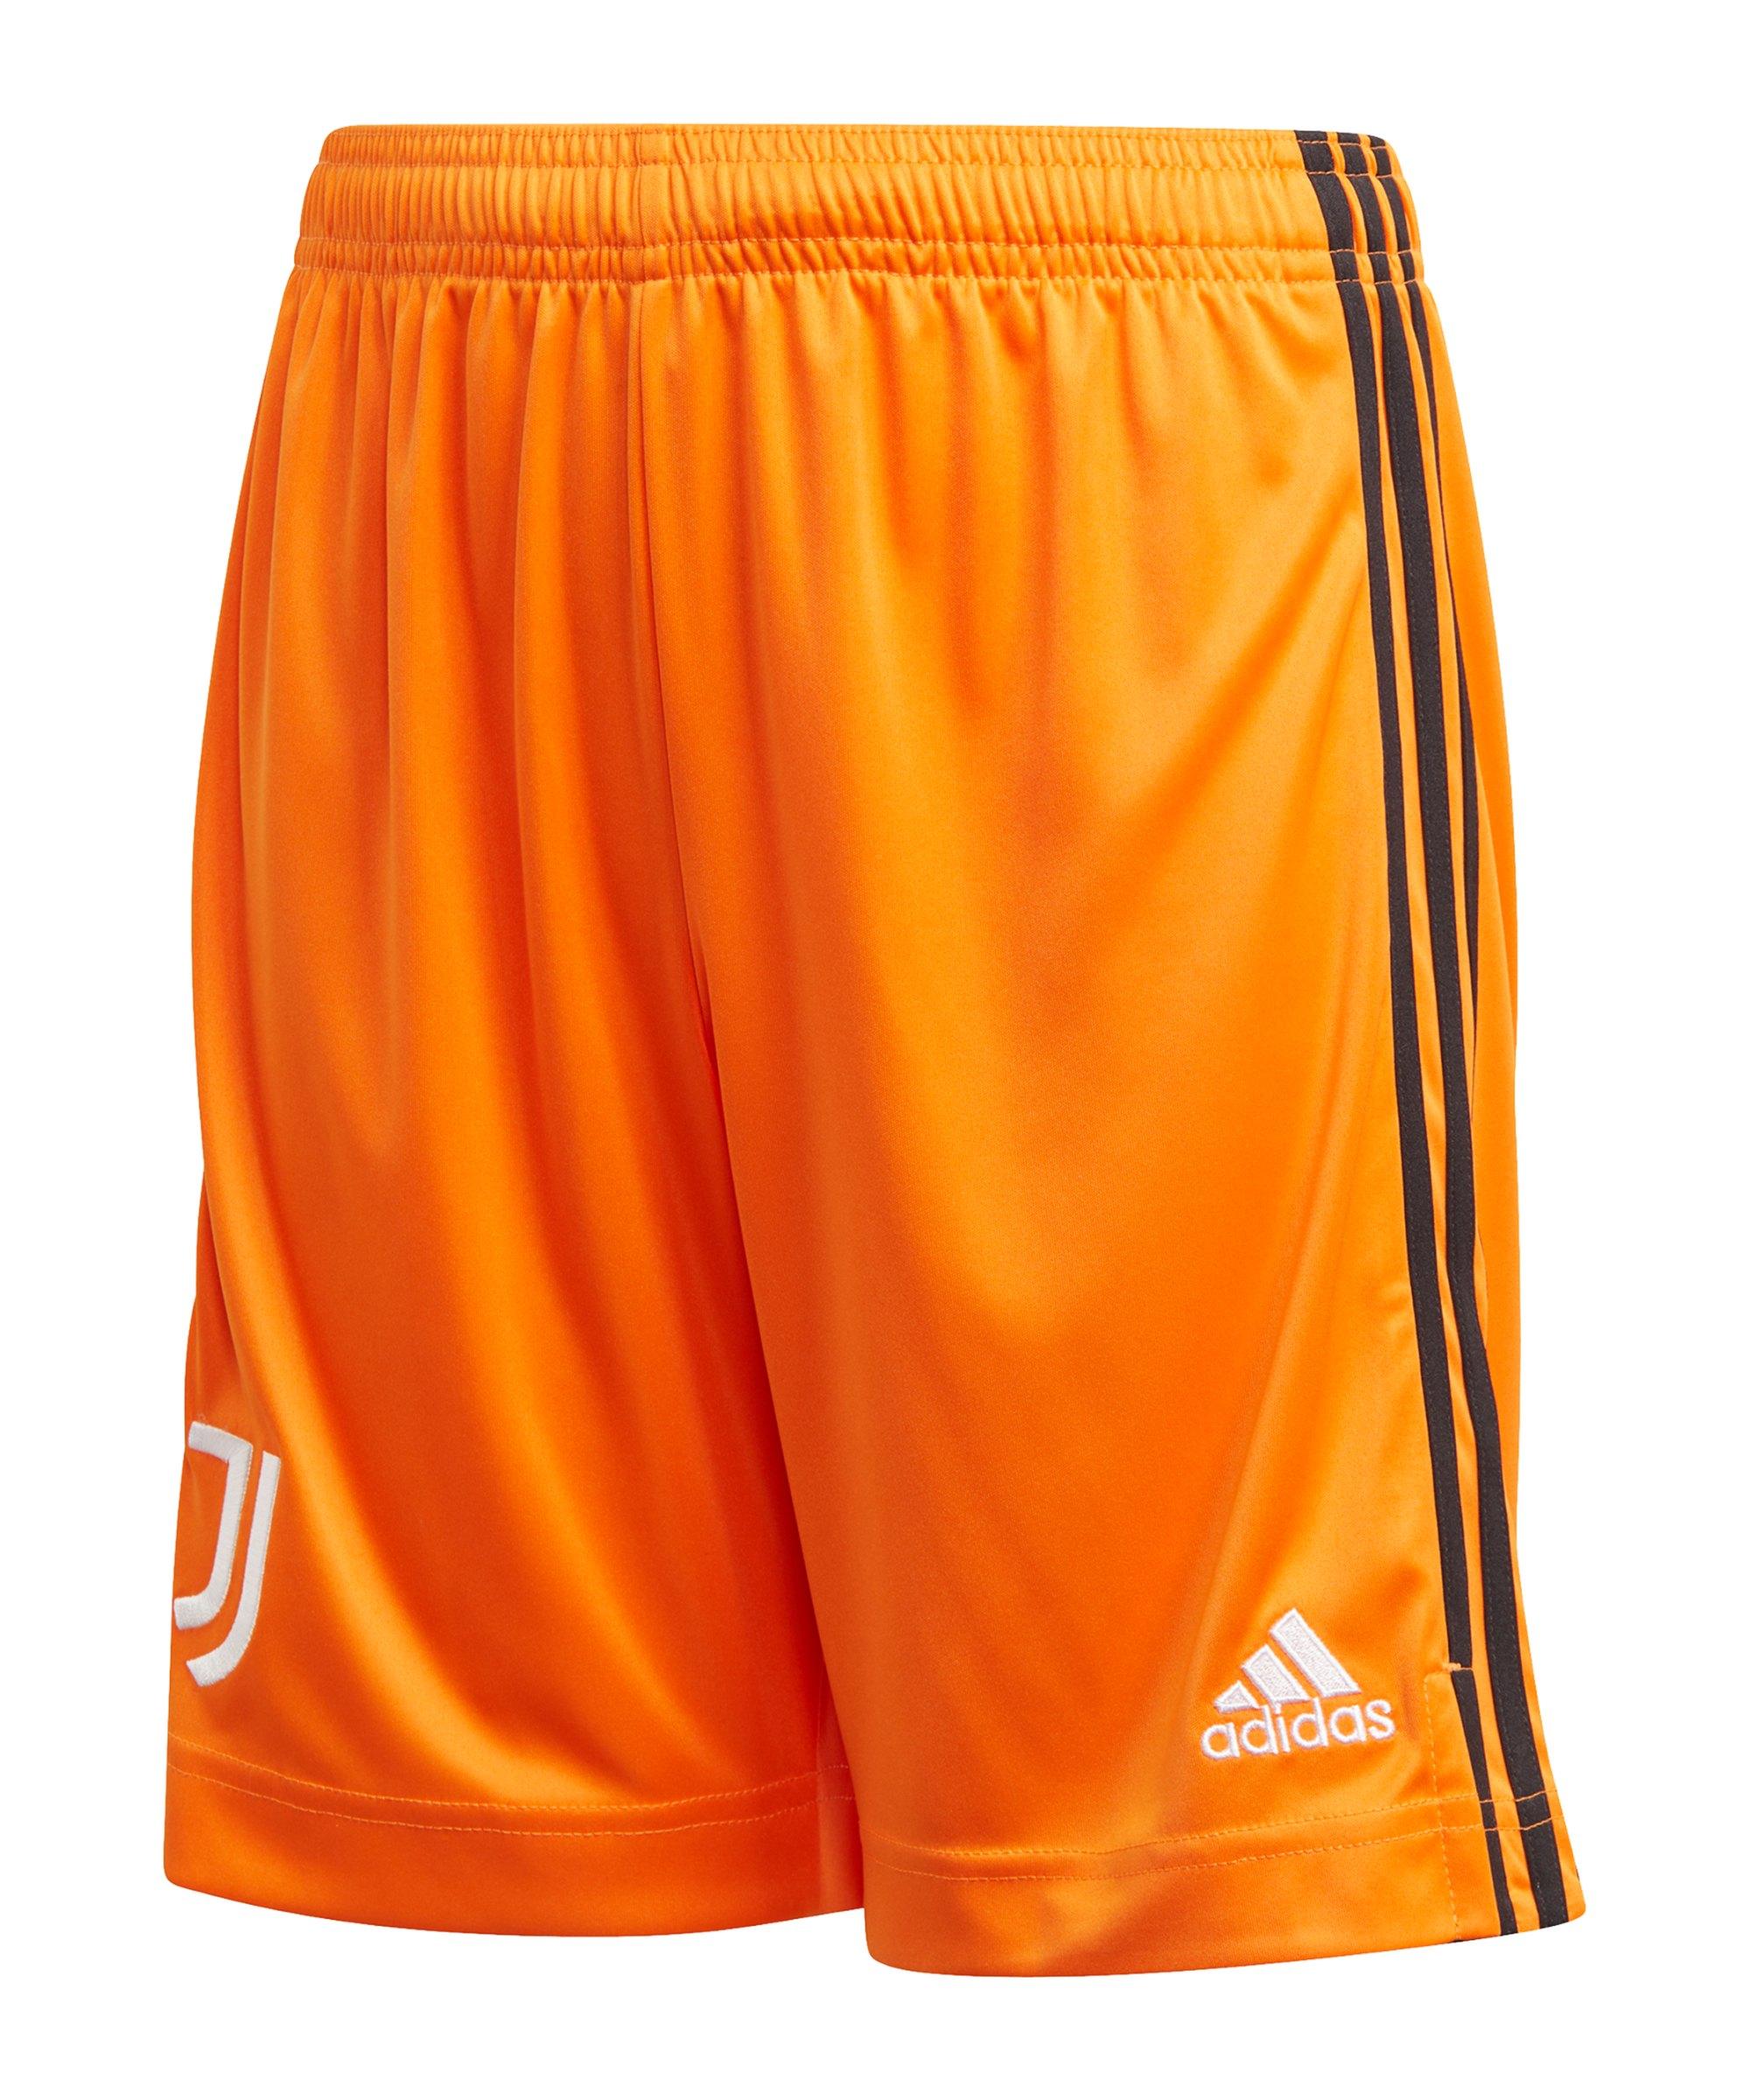 adidas Juventus Turin Short UCL 2020/2021 Orange - orange